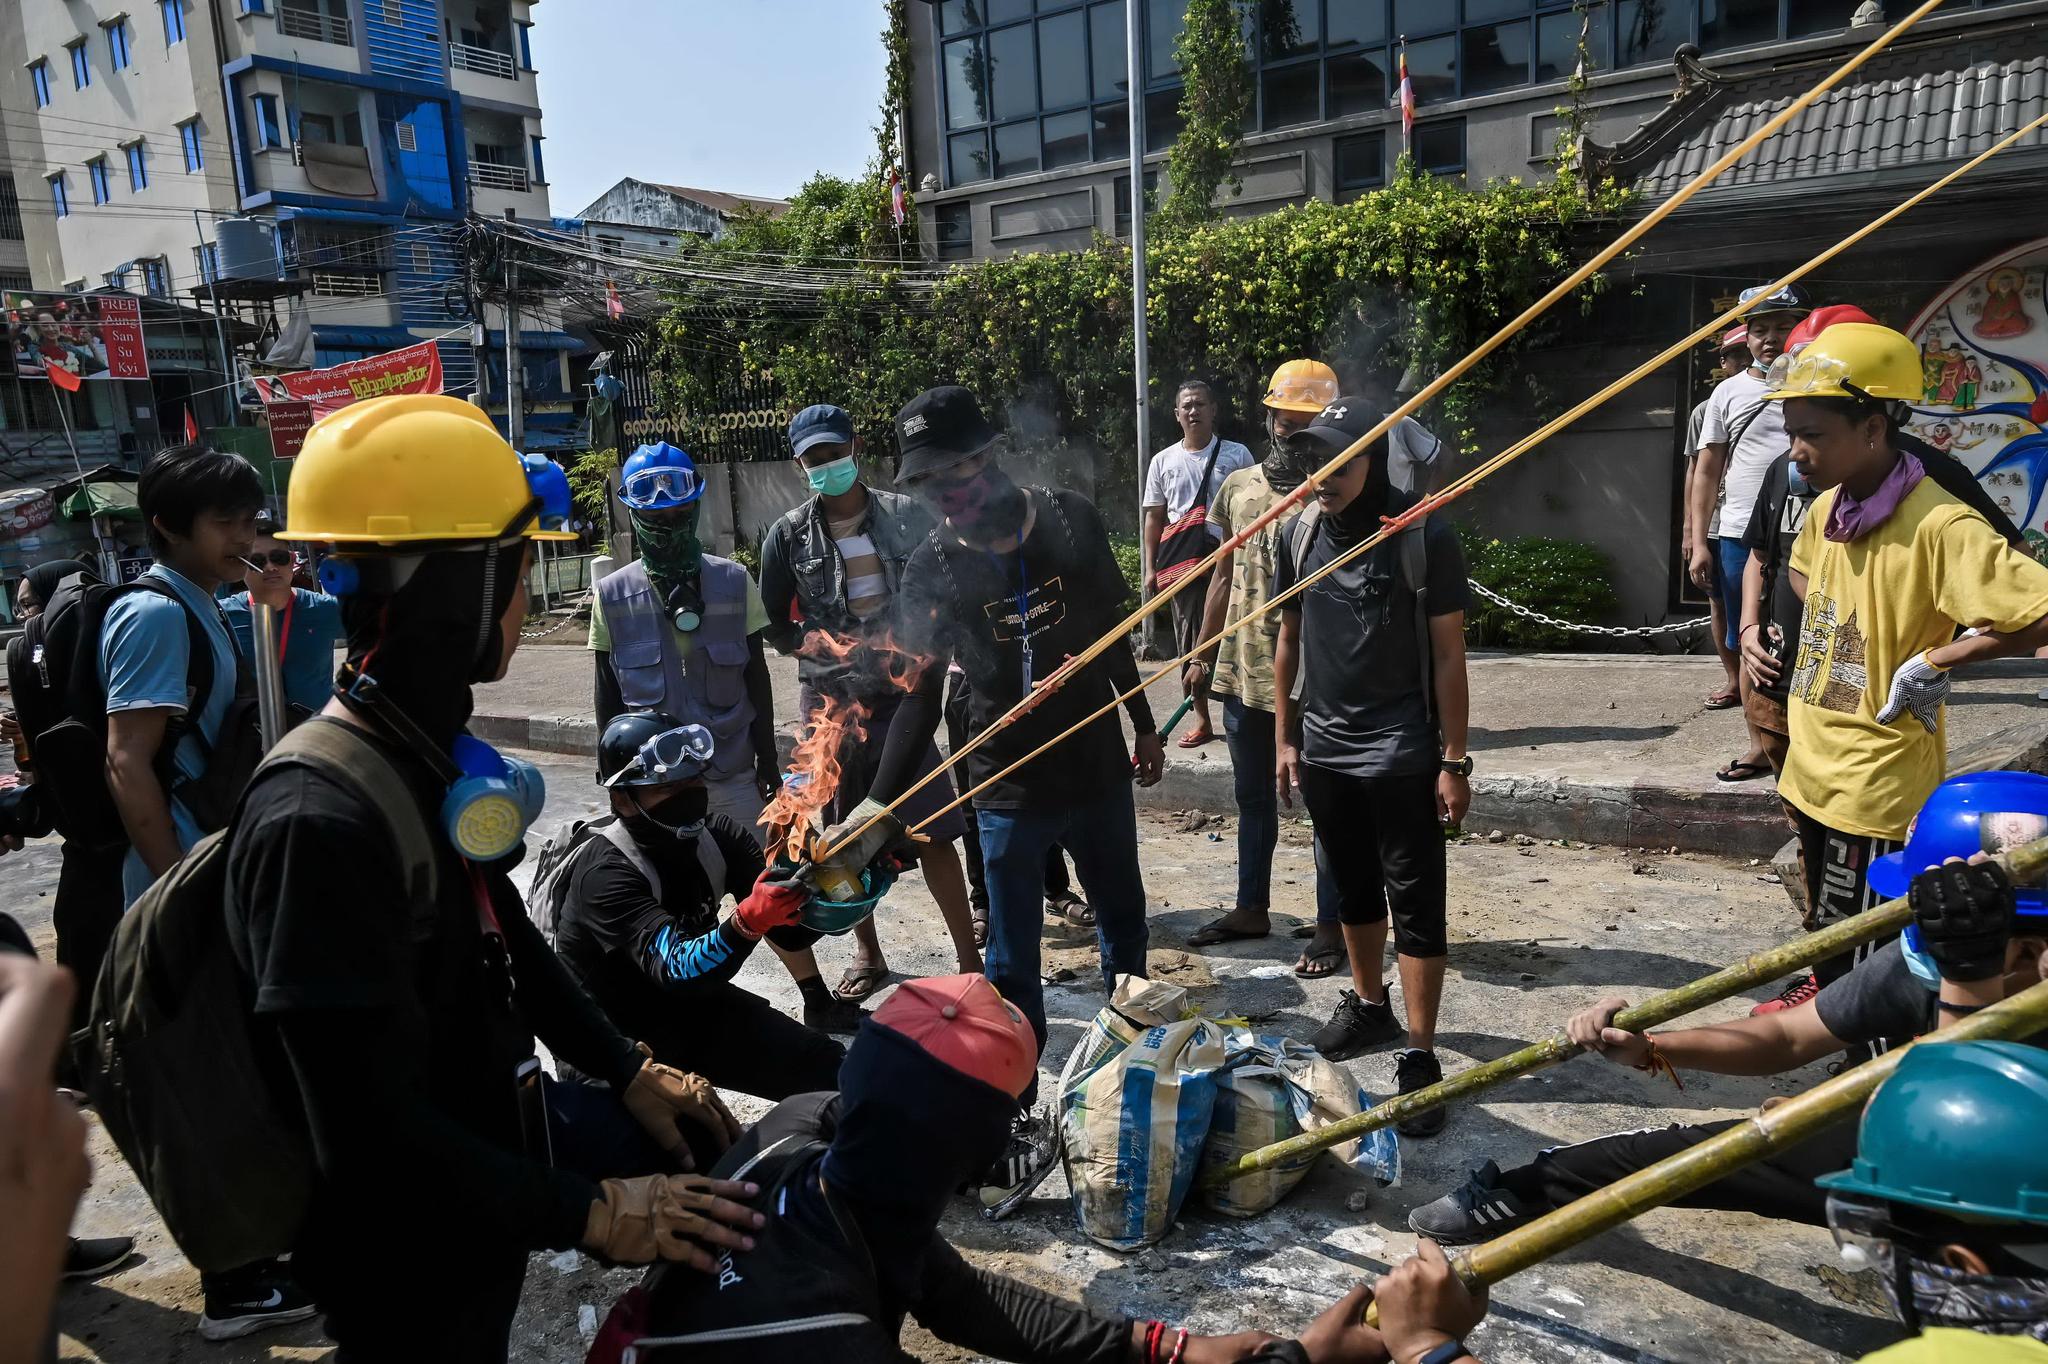 미얀마 군부는 총을 난사하지만 시민은 새총을 쏜다. 16일(현지시간) 미얀마 양곤 시민들이 대형 새총을 제작해 시험하고 있다. AFP=연합뉴스